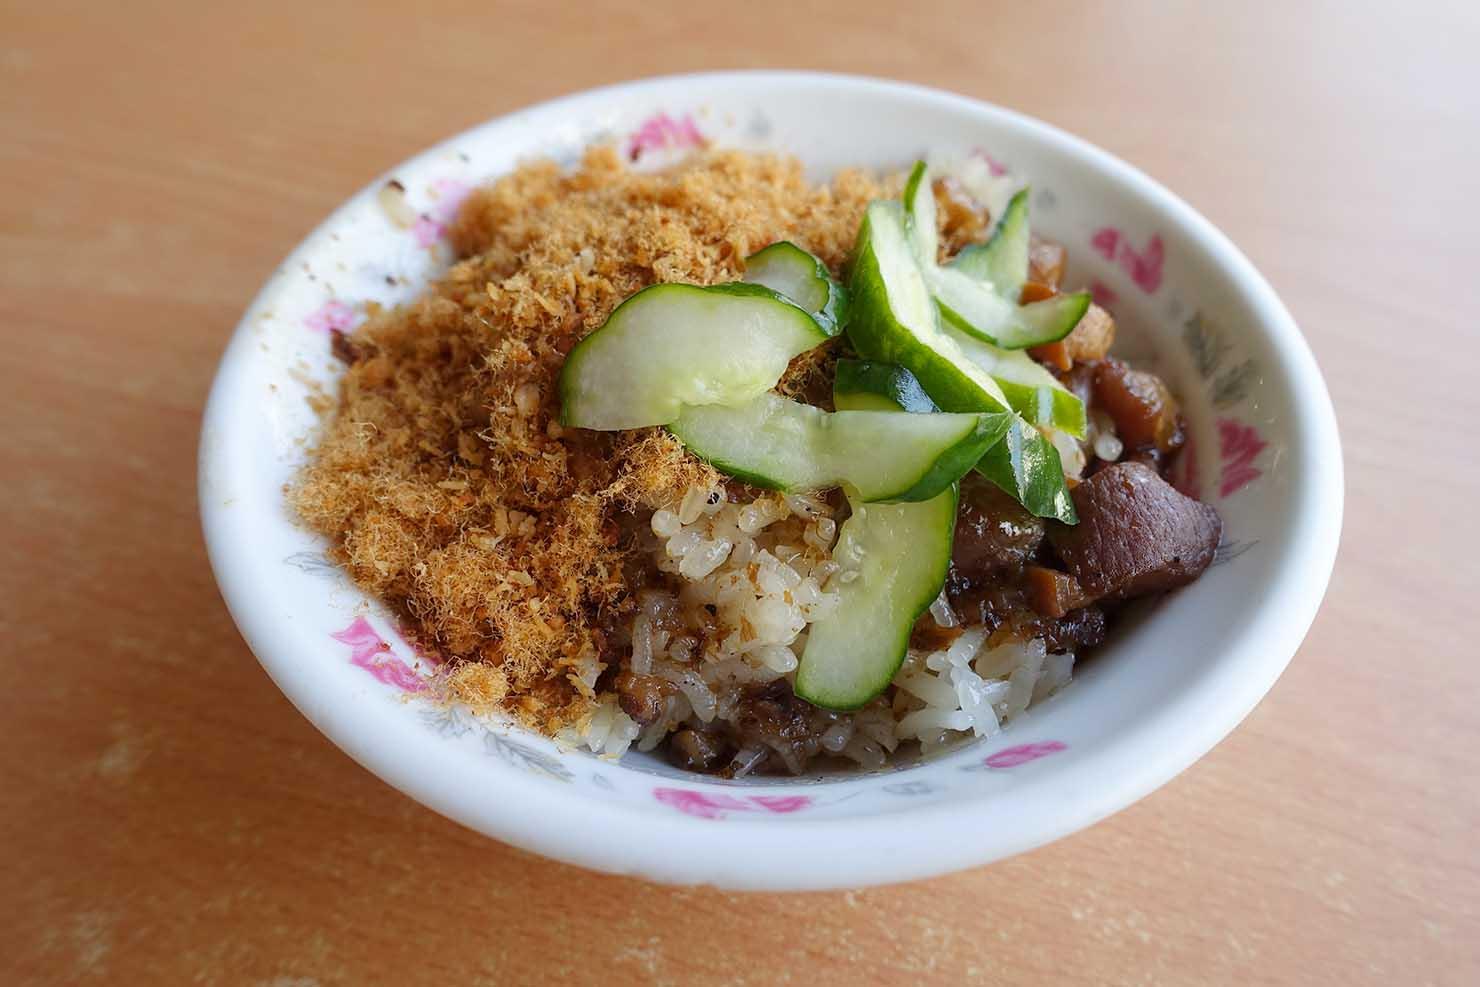 高雄の伝統台湾グルメエリア・鹽埕埔「米糕城」の米糕(台湾式おこわ)